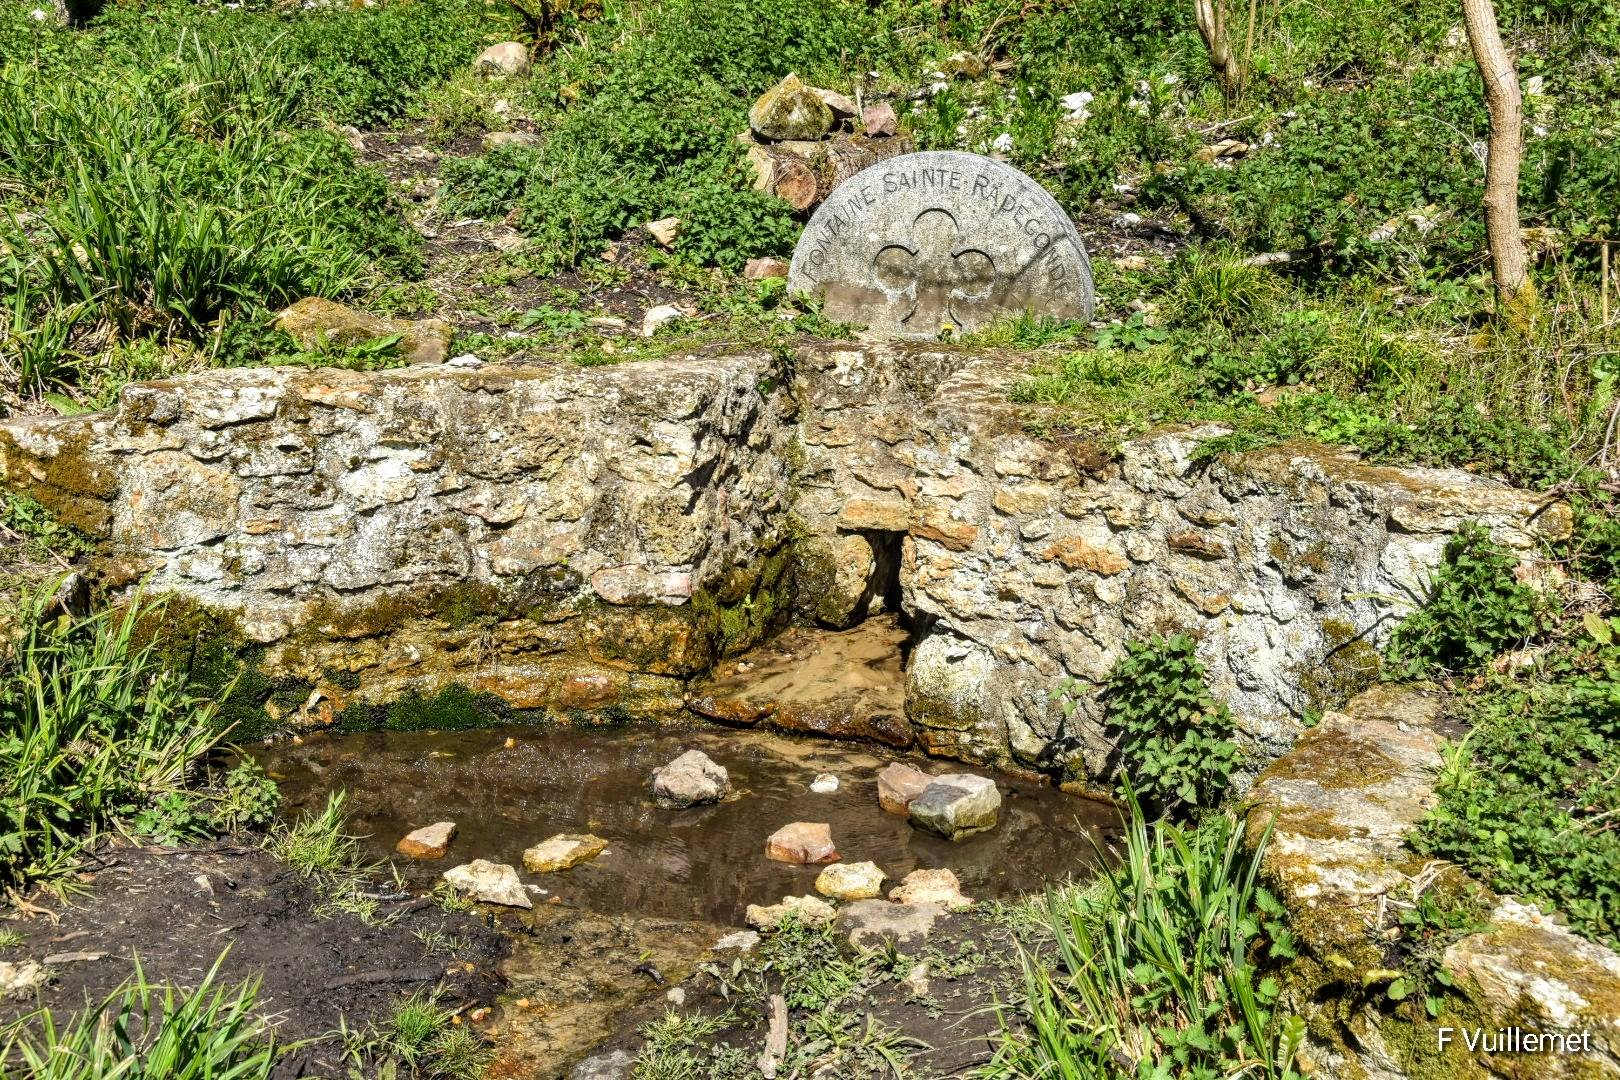 La fontaine sainte Radegonde (avril 2021 - photo de François Vuillemet)